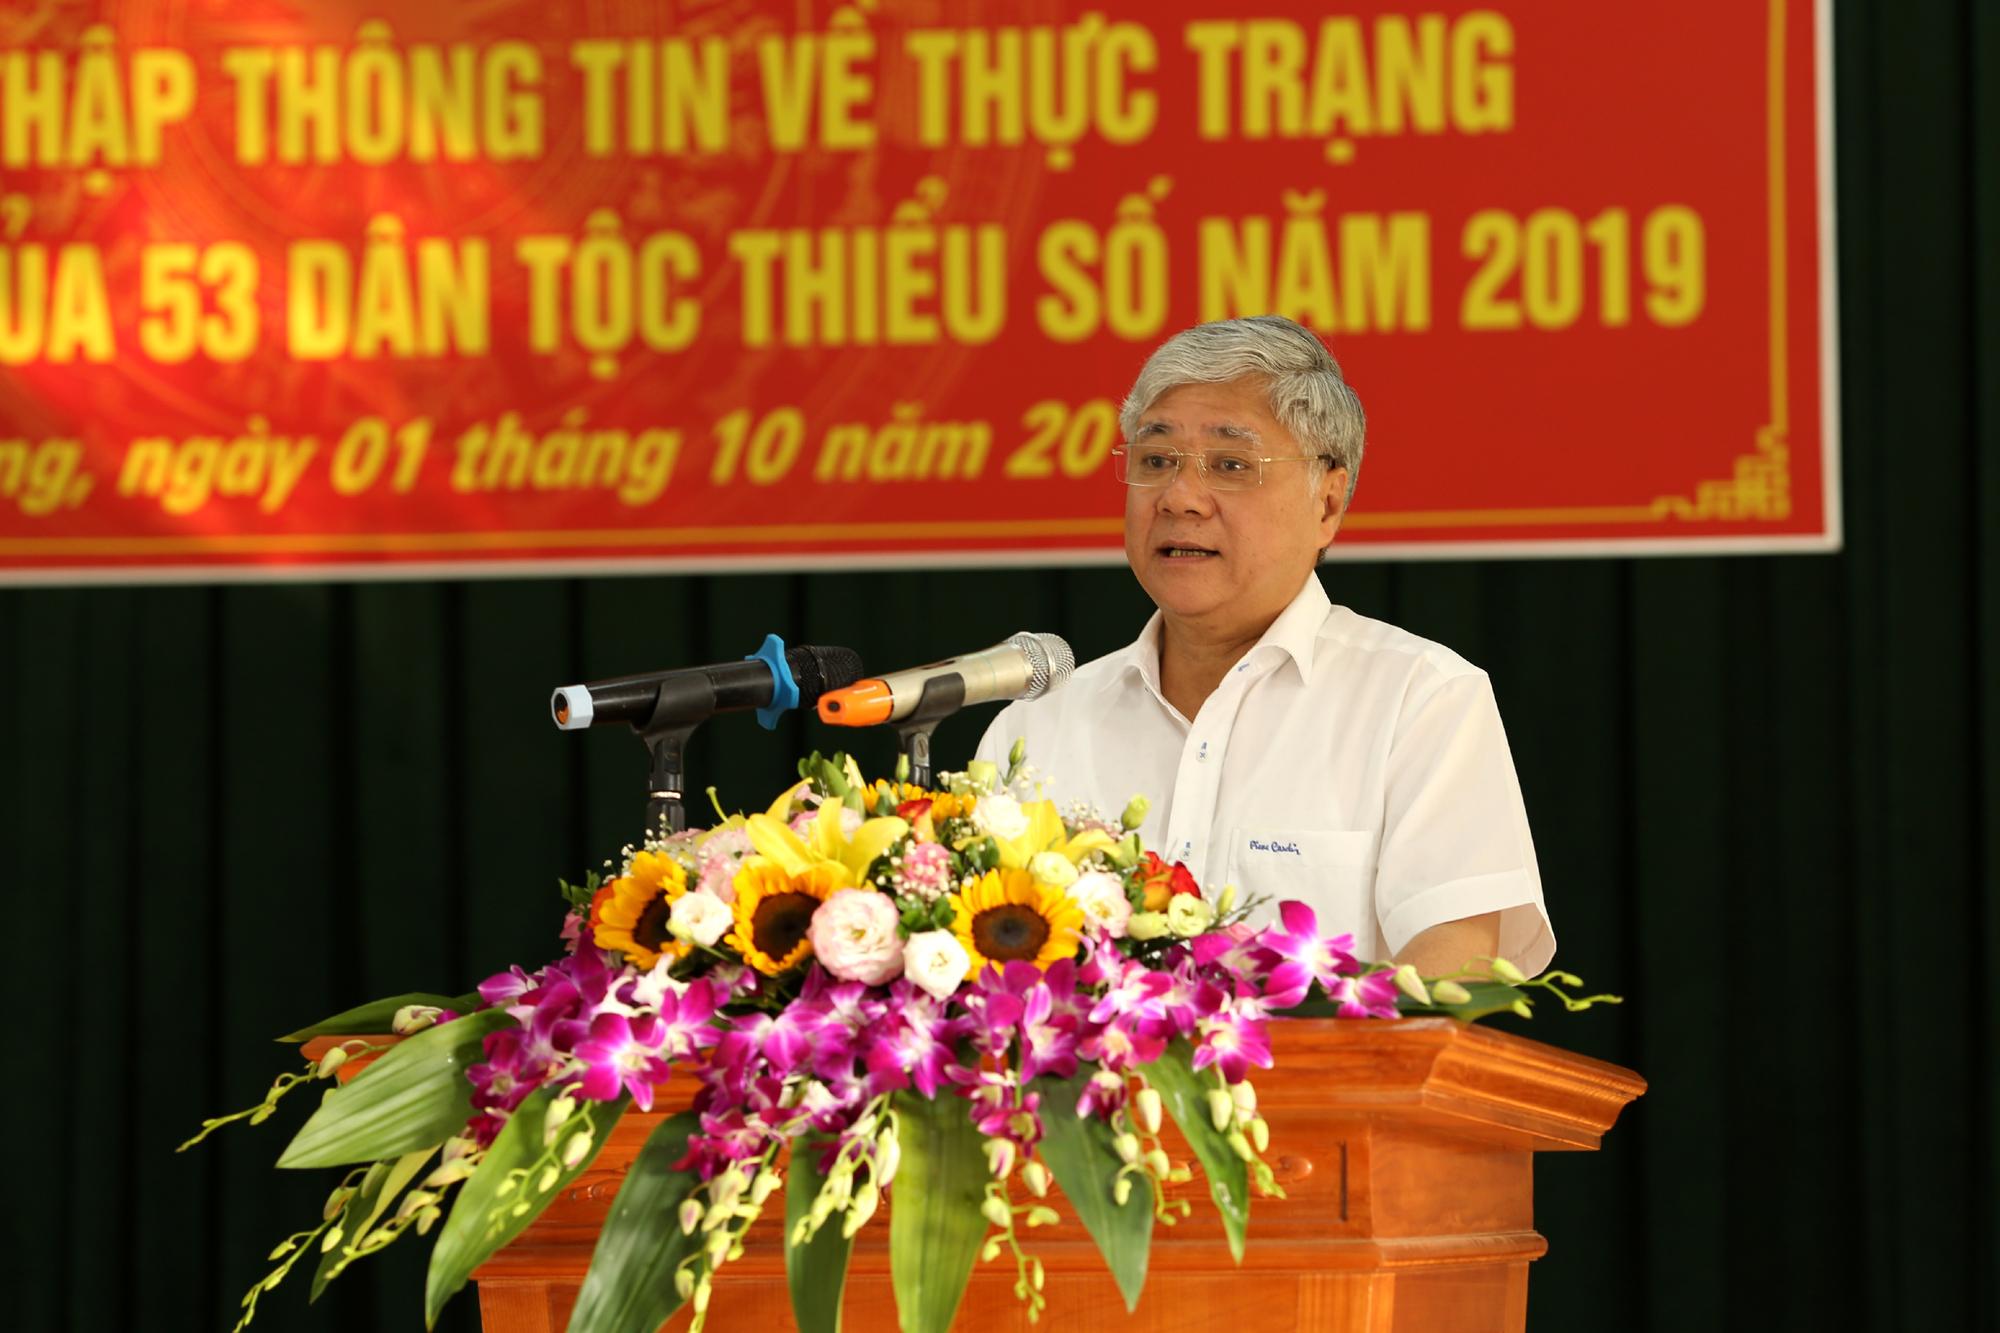 Bộ trưởng, Chủ nhiệm Đỗ Văn Chiến phát biểu tại Lễ ra quân.